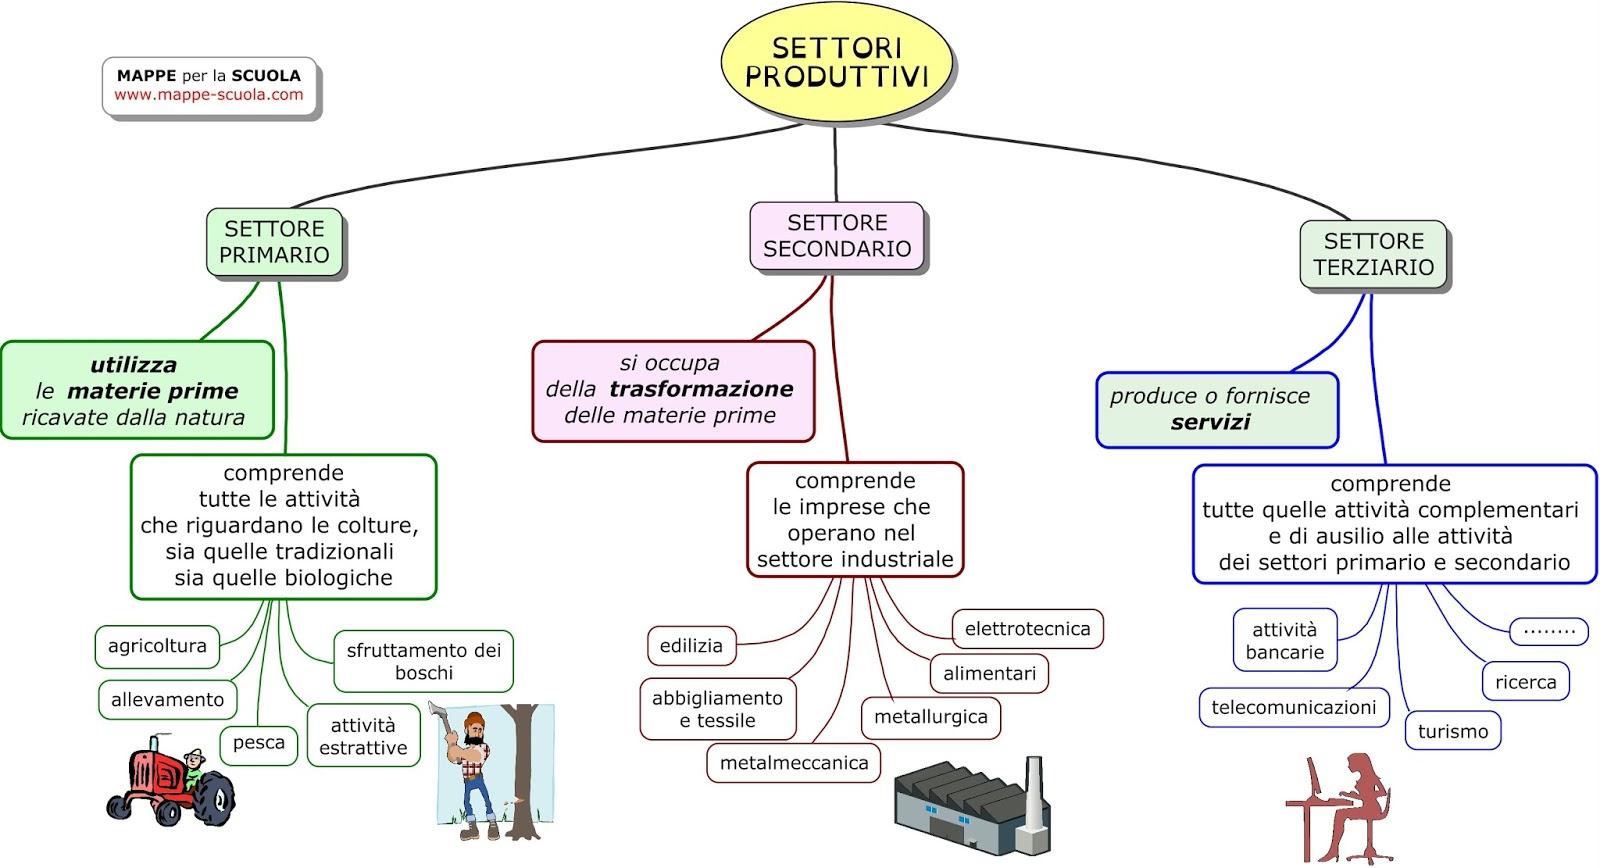 Populaire MAPPE per la SCUOLA: I SETTORI PRODUTTIVI: PRIMARIO, SECONDARIO HE24